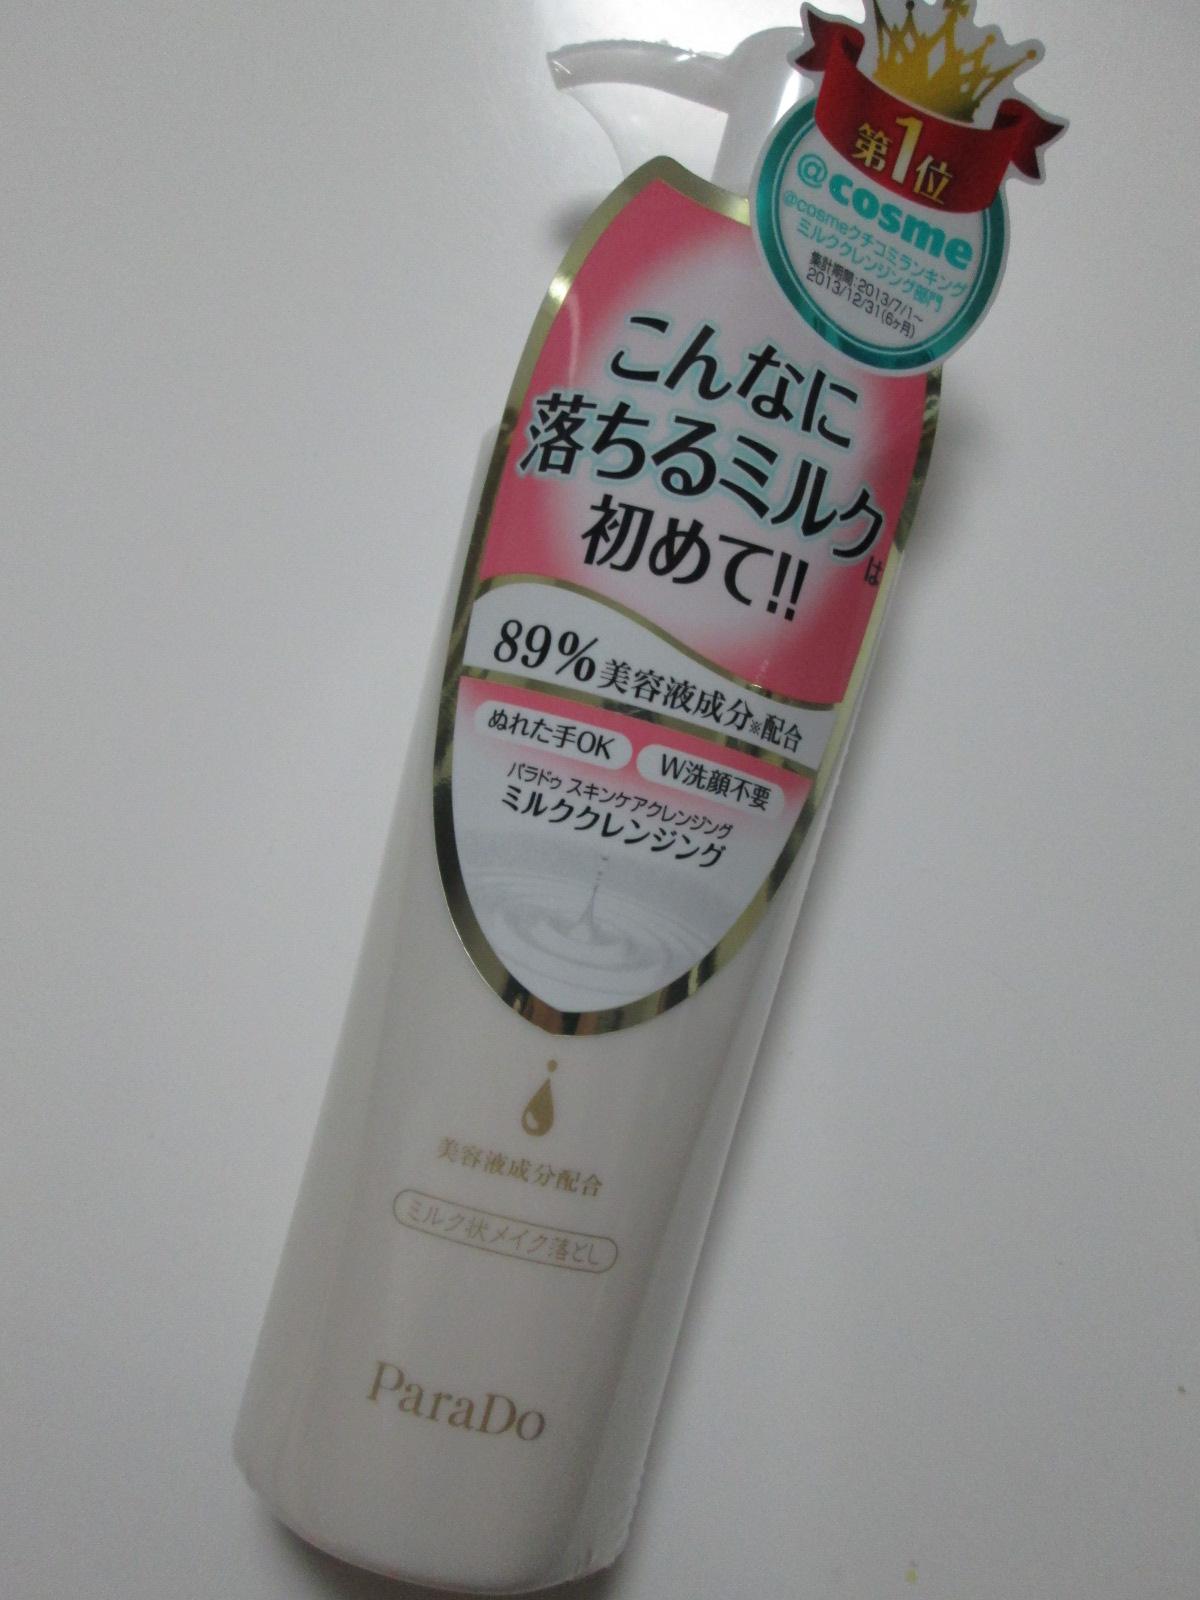 IMG_3715パラドゥ (1)